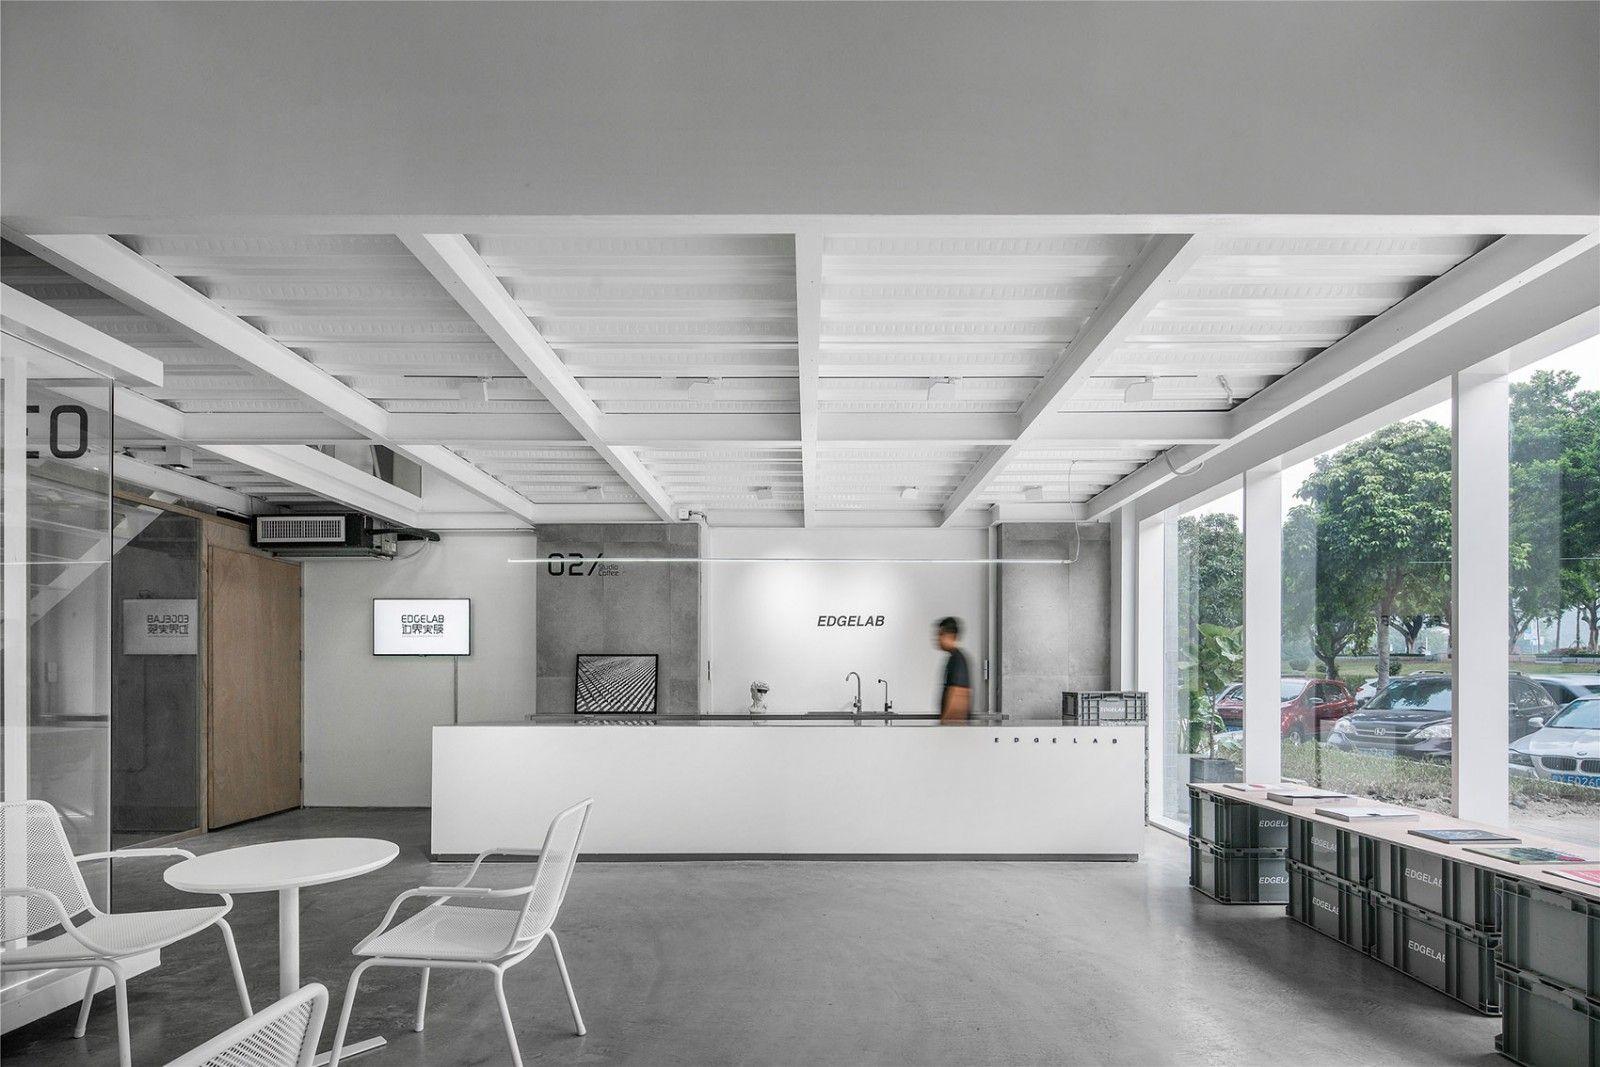 移动的玻璃盒子,广东Edgelab办公空间 | Edgelab边界实验工作室|黄智武、何钢荣 - 4